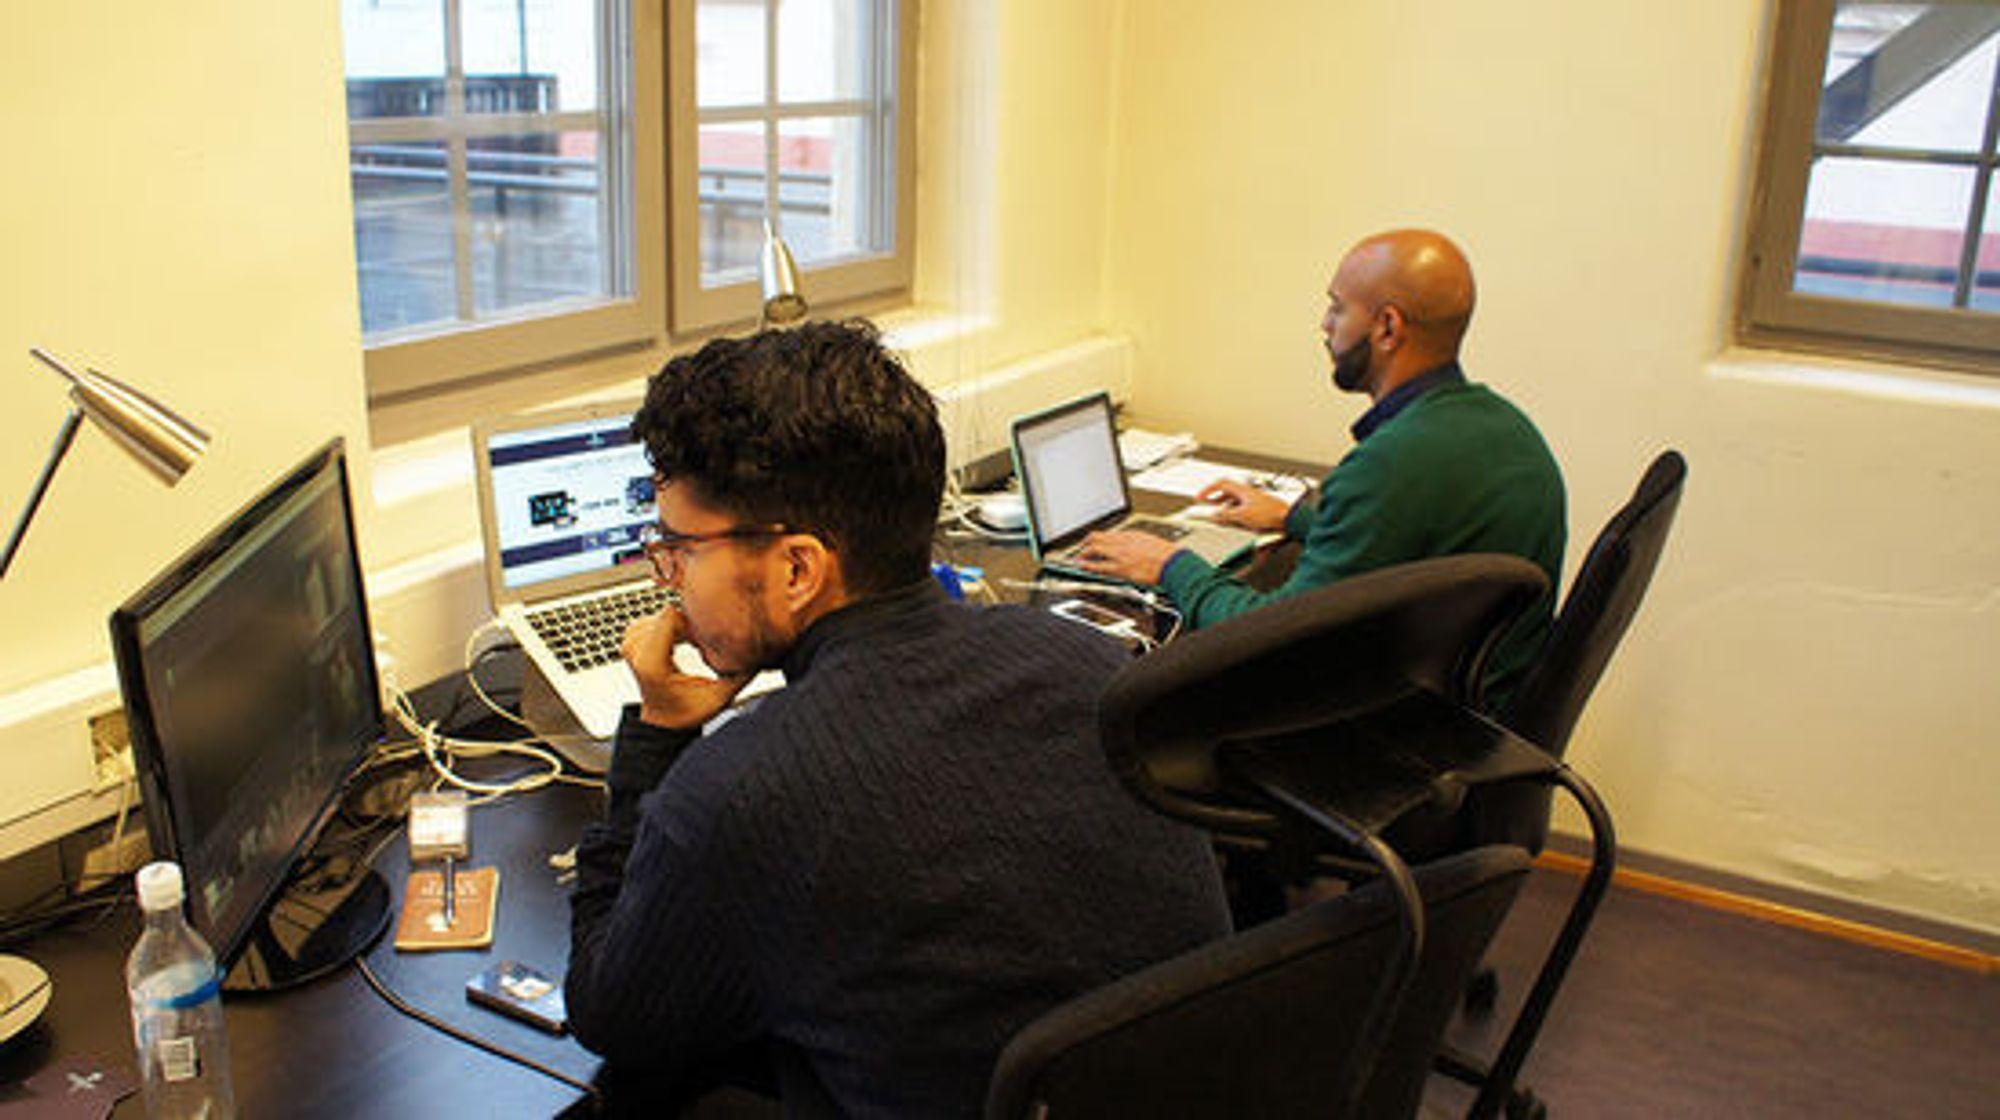 Fra det lille kontoret sitt har VidFlow tilgang til mange titalls tusen musikkvideoer.